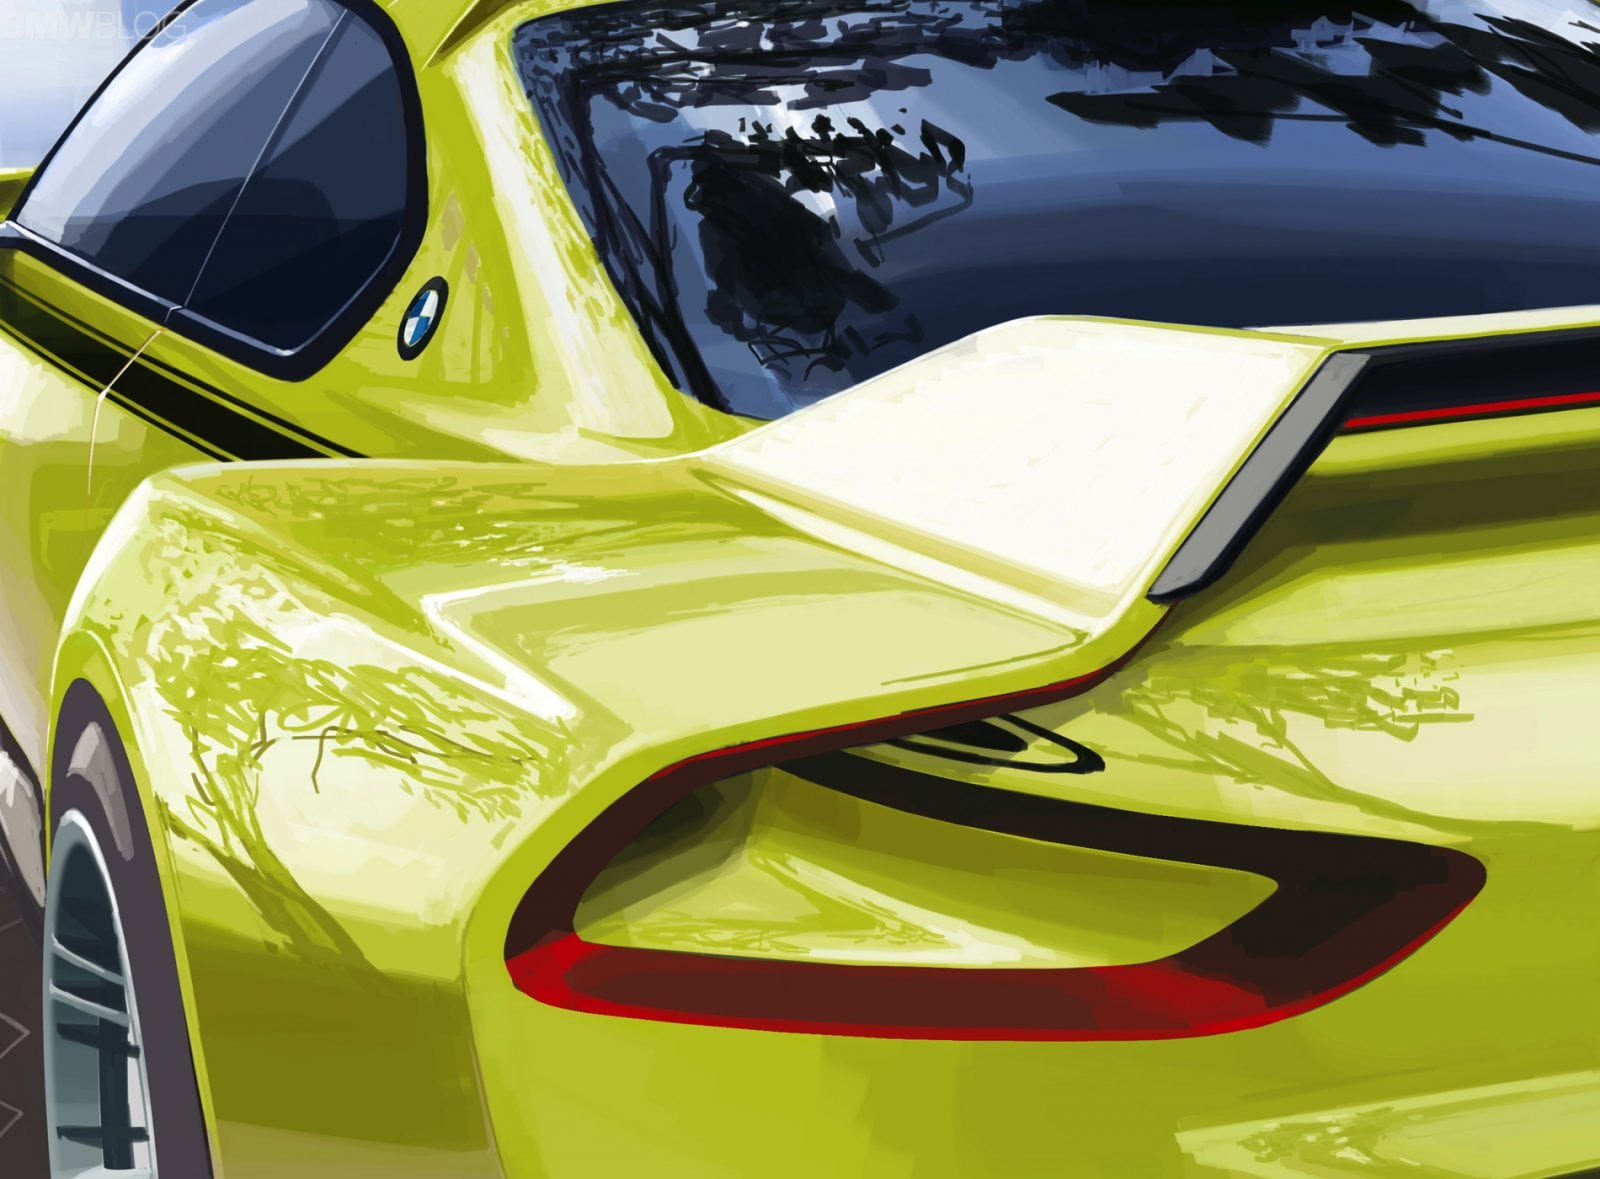 BMW 3.0 CSL Hommage - мировая премьера